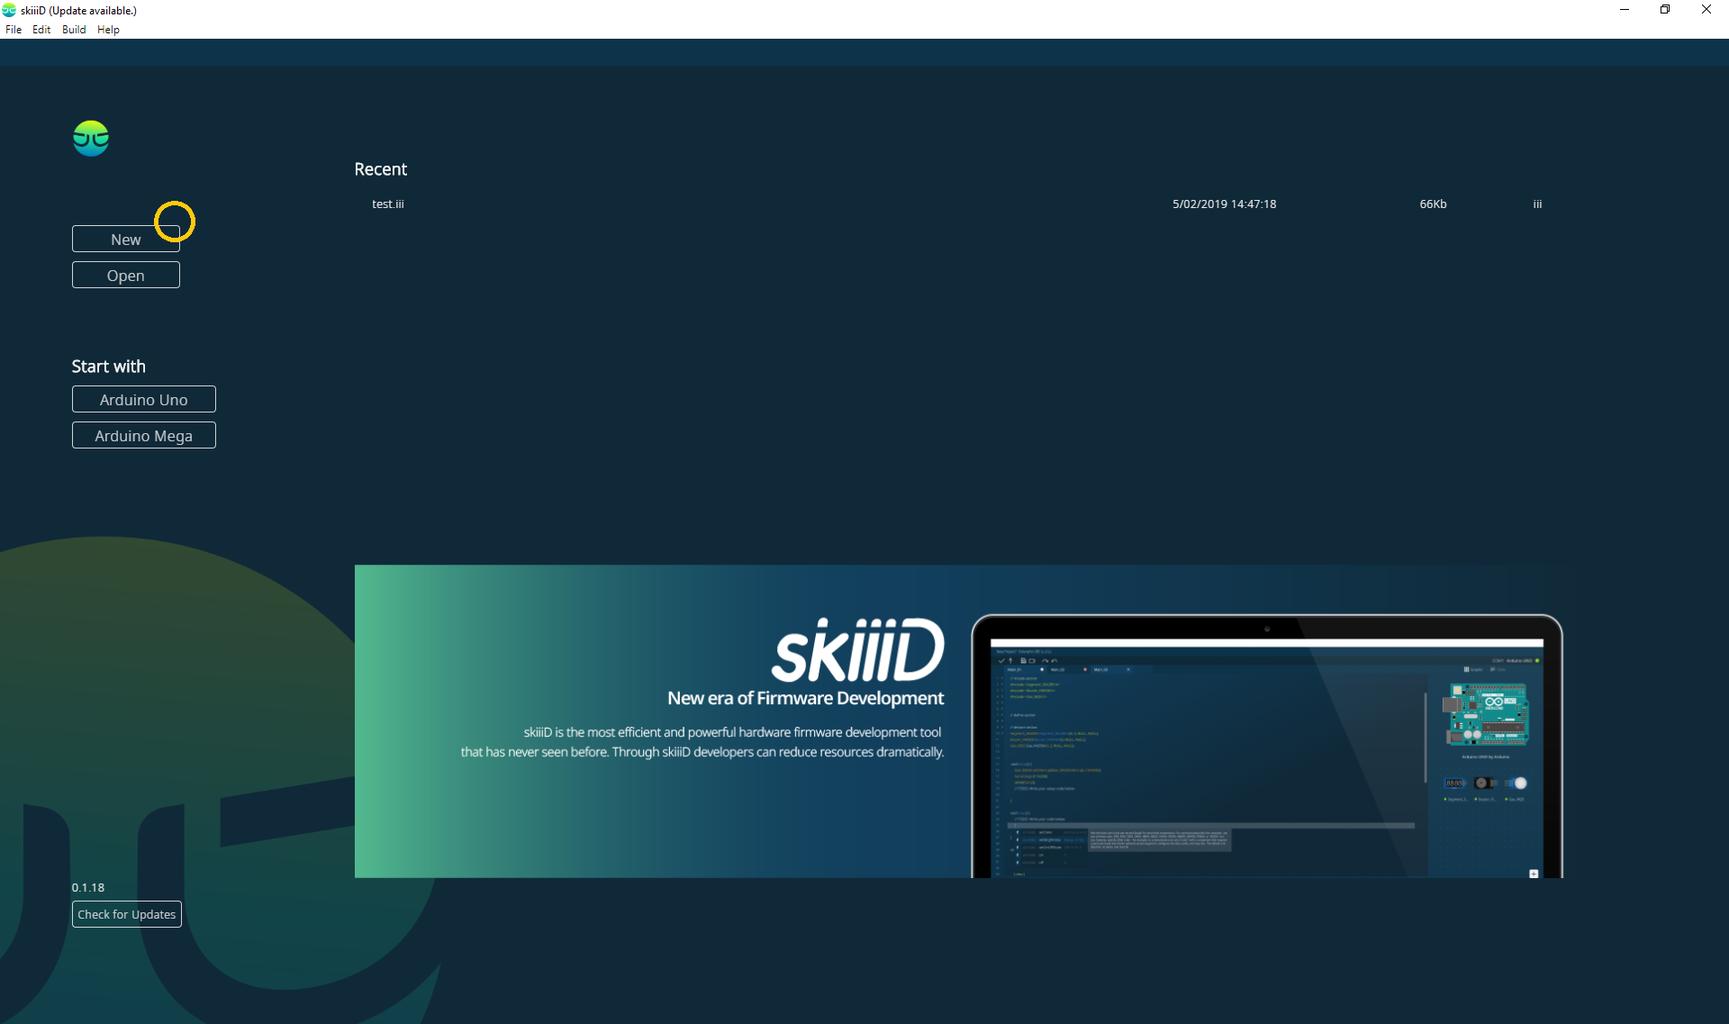 Launch SkiiiD